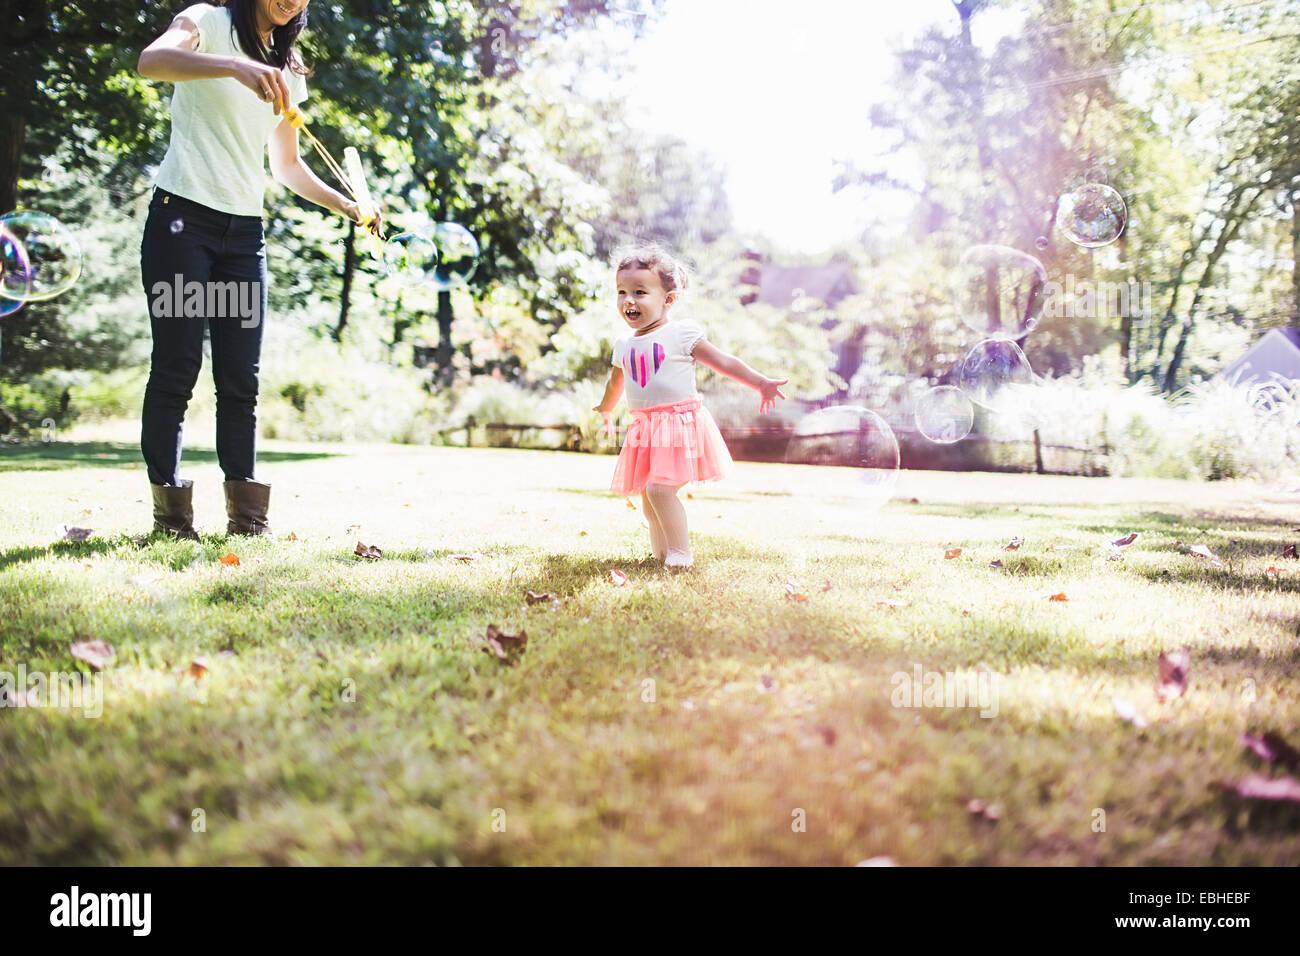 Mère et fille jouer bulles dans le jardin Photo Stock